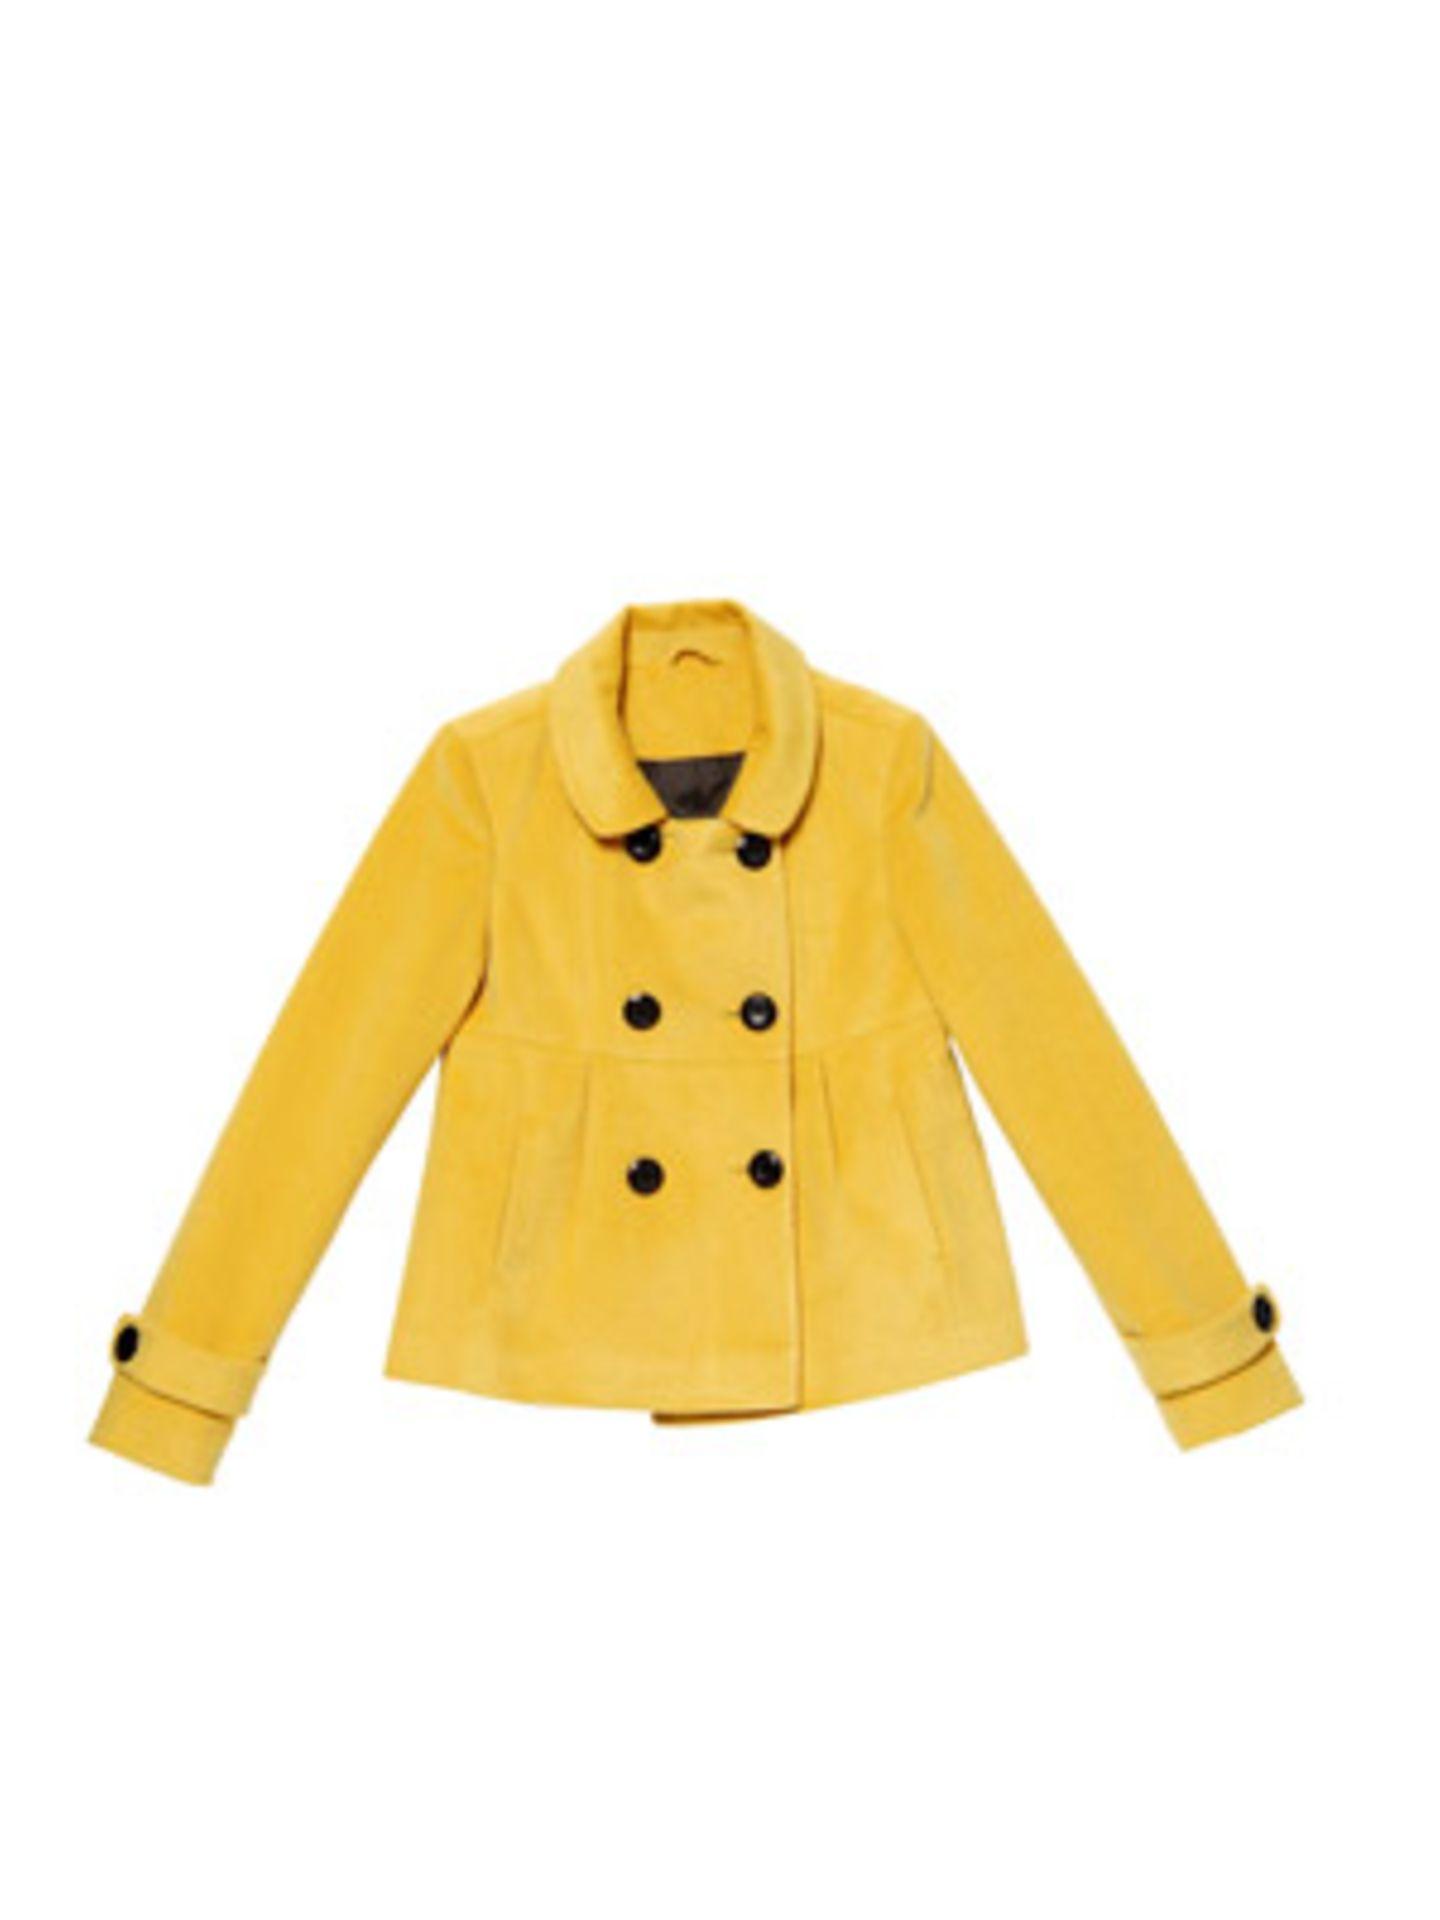 Gelbe, leicht ausgestellte Jacke mit großen Knöpfen und rundem Kragen von Orsay, ca. 45 Euro.